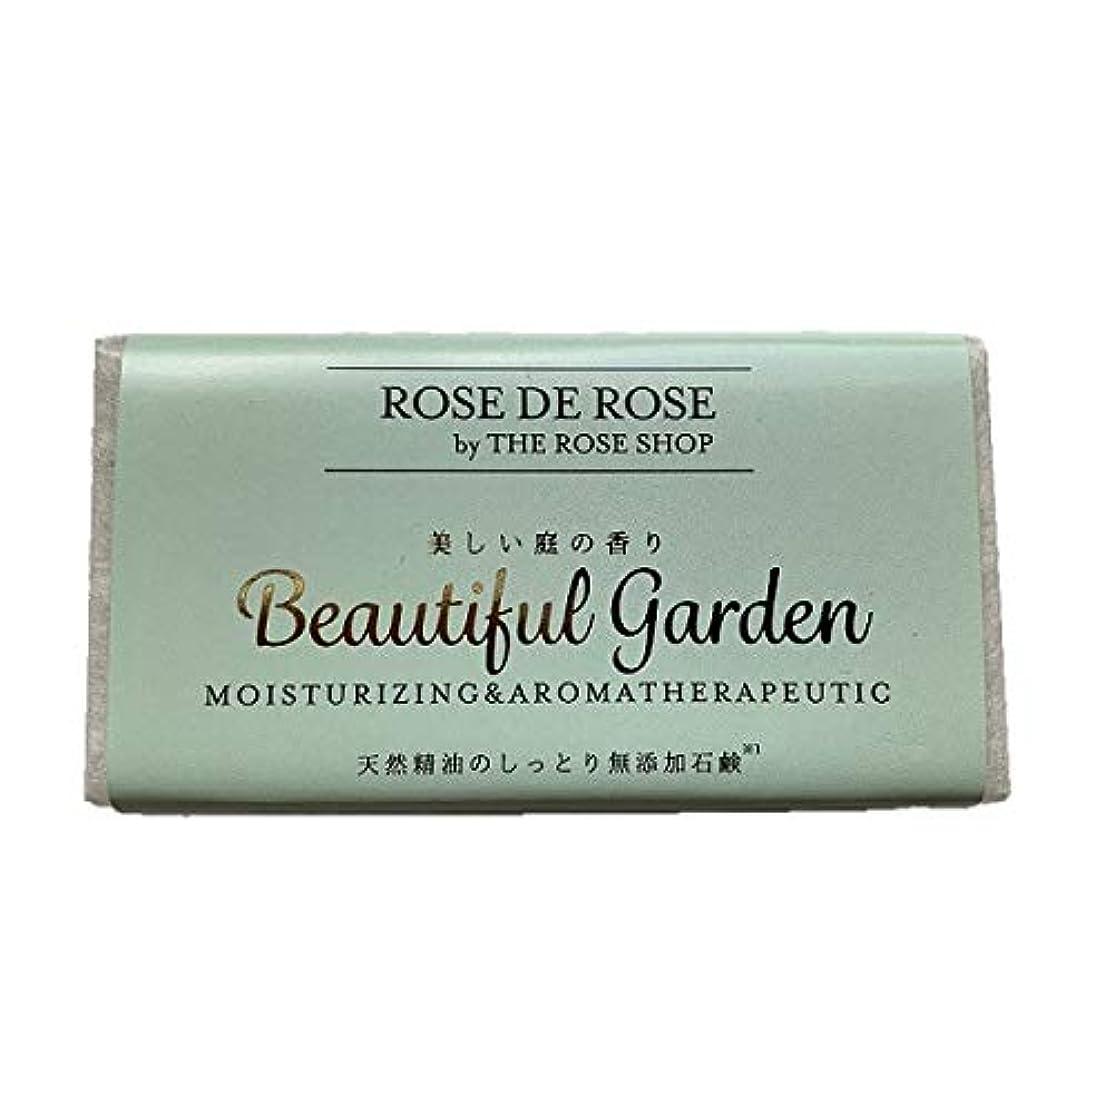 修理工パトワ受粉者天然精油の無添加石鹸 「美しい庭の香り ビューティフルガーデン」2個セット